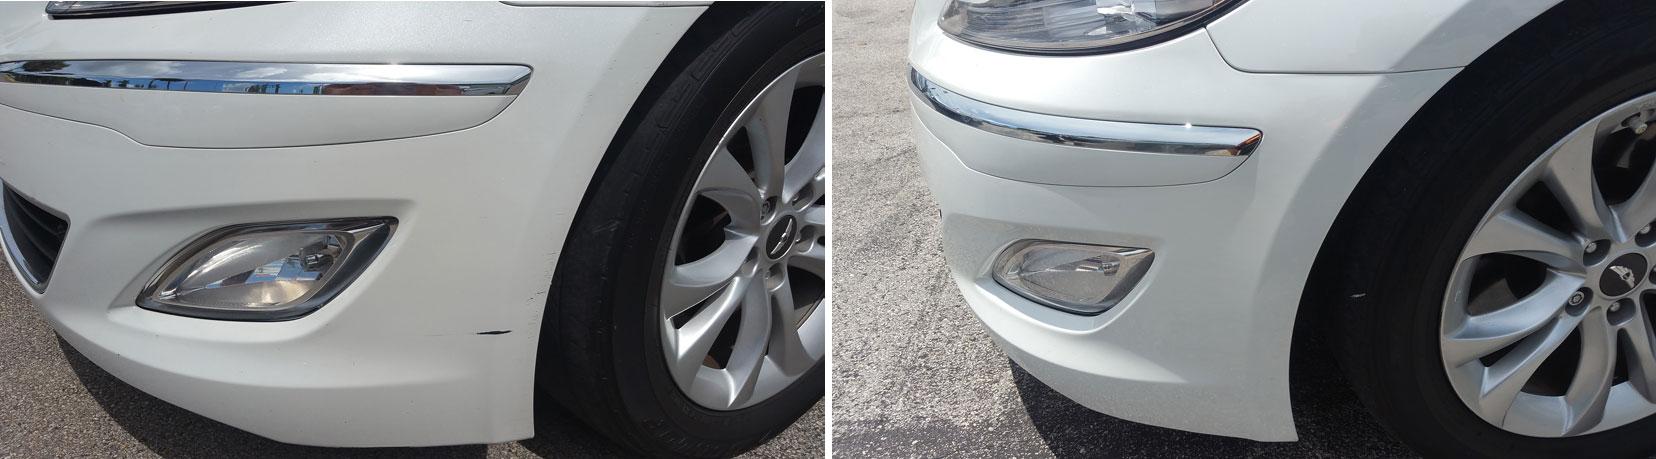 VW-paint-chip-repair-palm-beach,-fl